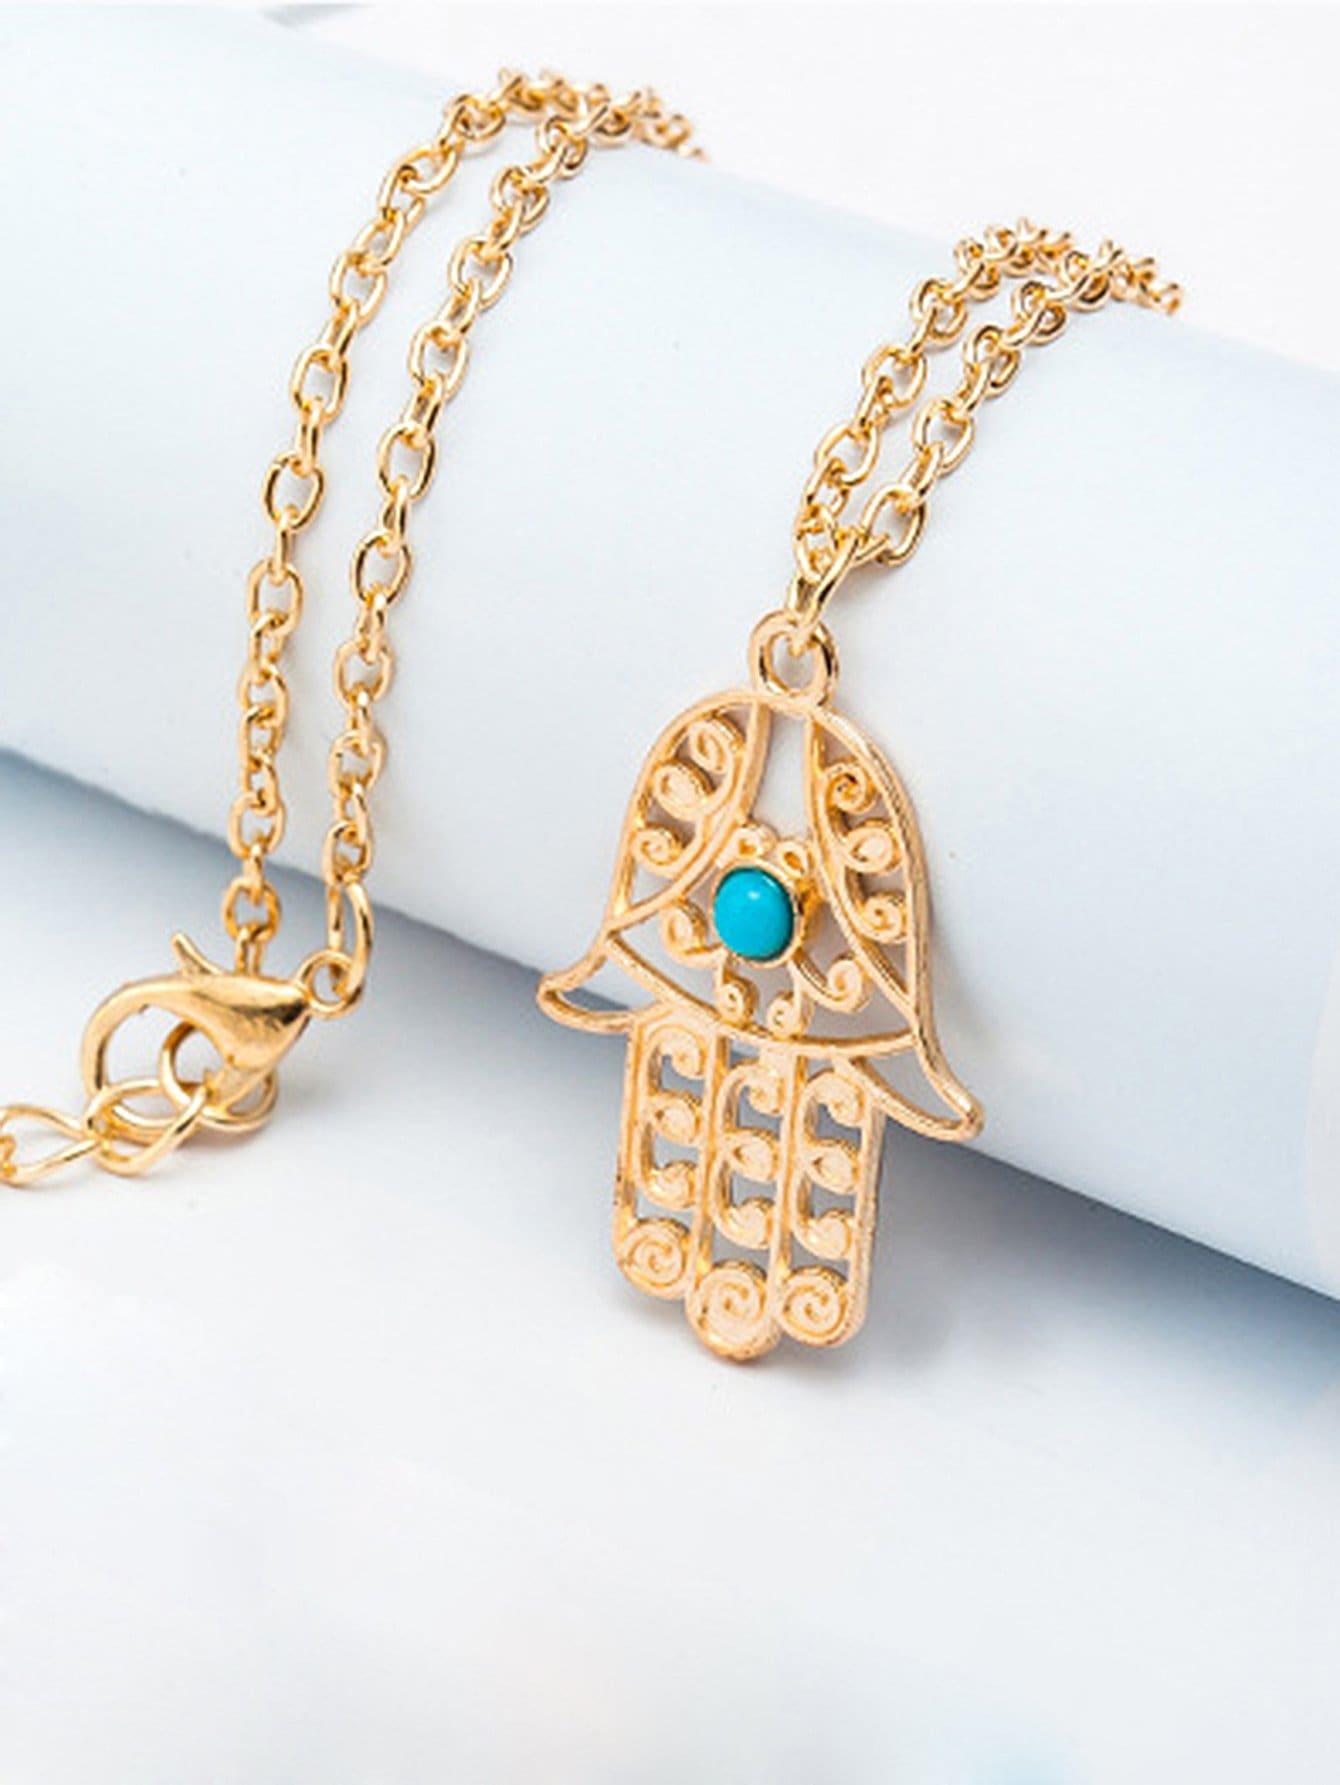 Hollow Design Pendant Chain Necklace